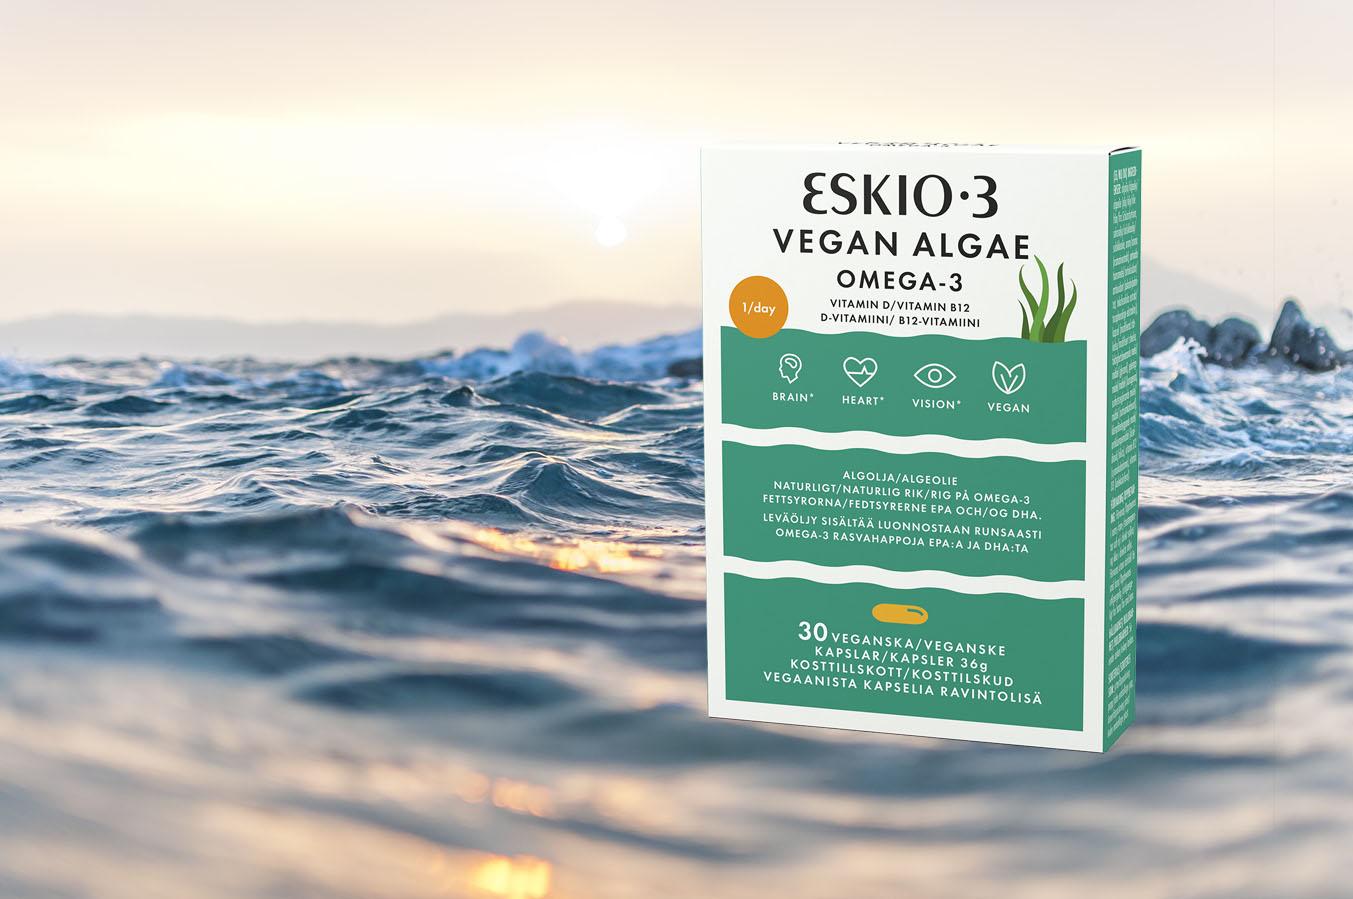 Ny växtbaserad produkt från Eskio-3!